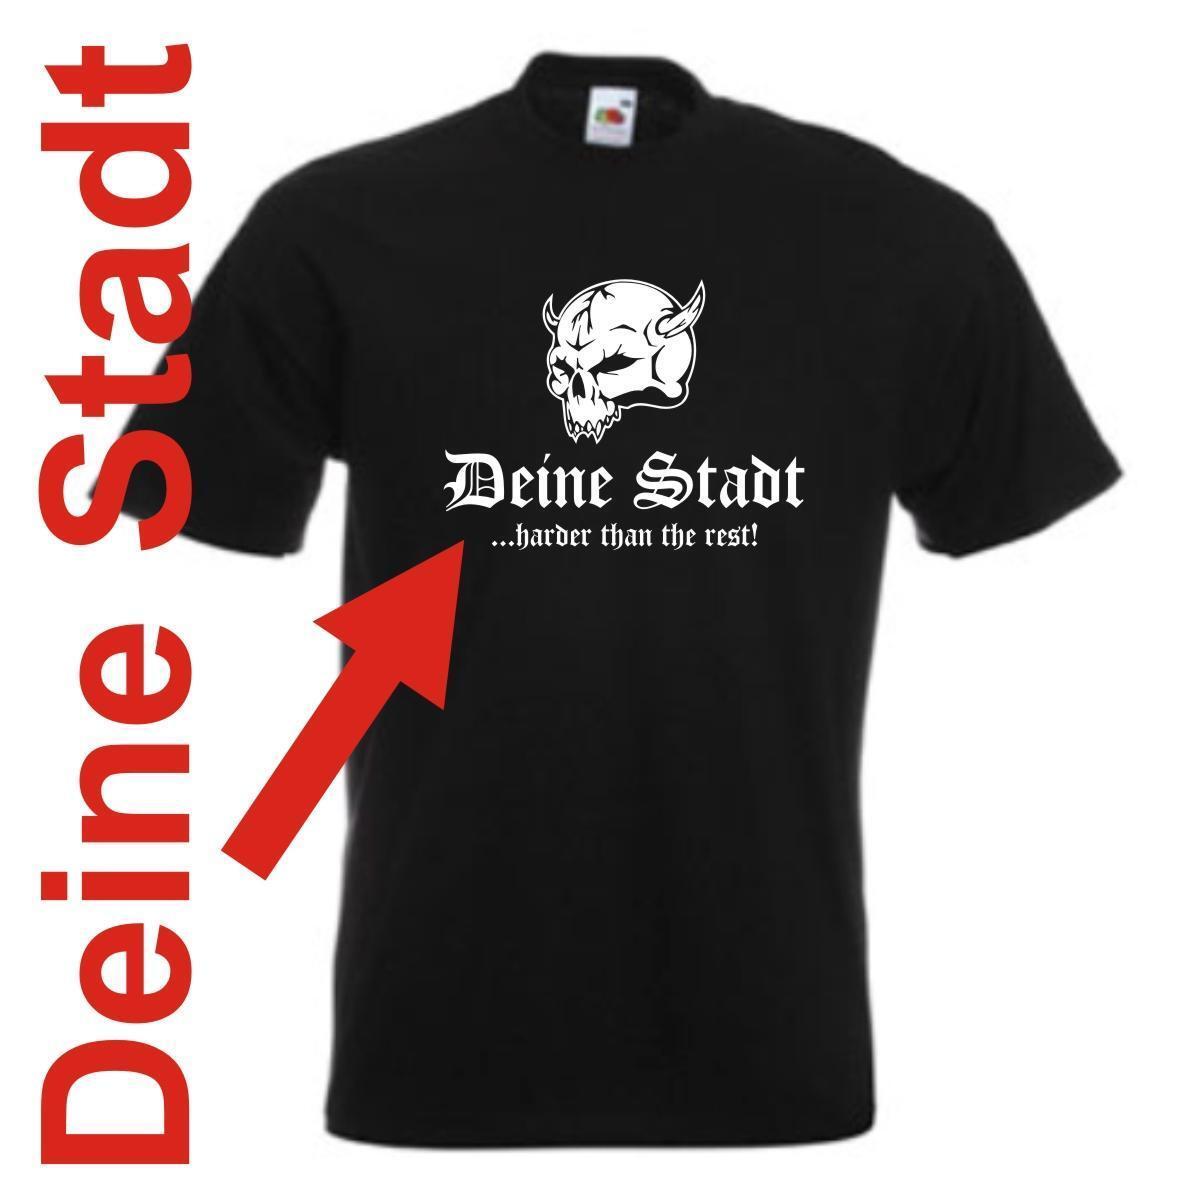 T-Shirt - Wunschtext Stadt oder Namen - harder than the rest (SFU14-01a)